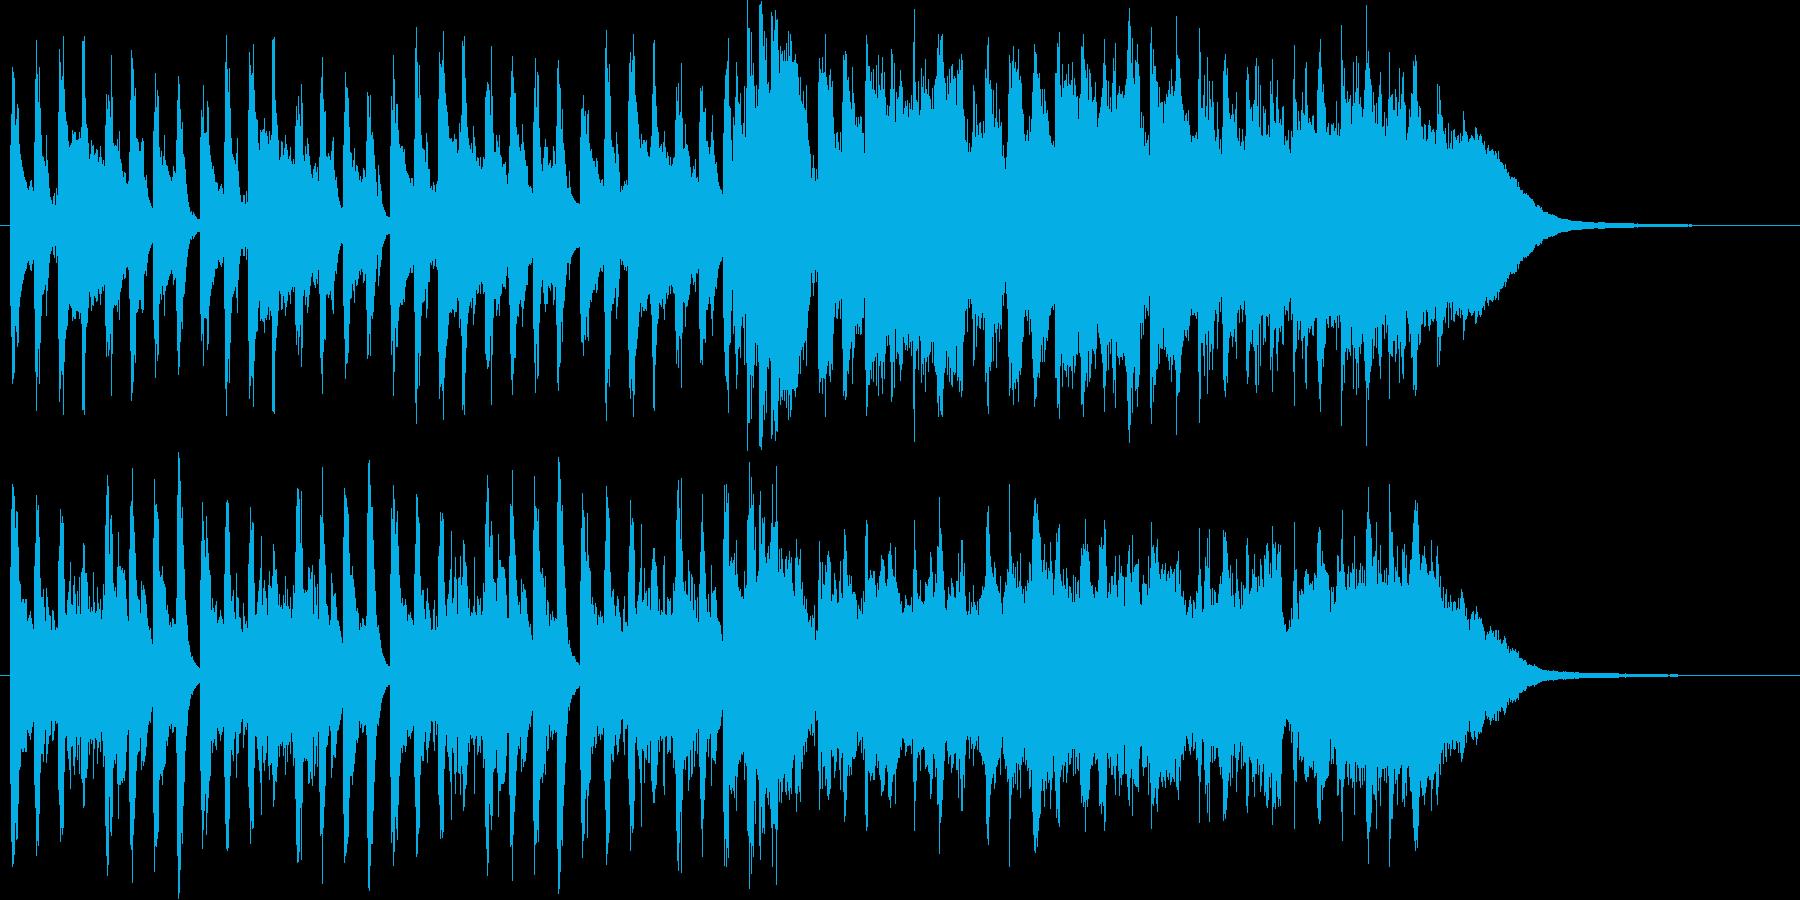 30秒CM用BGM(小編成オーケストラ)の再生済みの波形